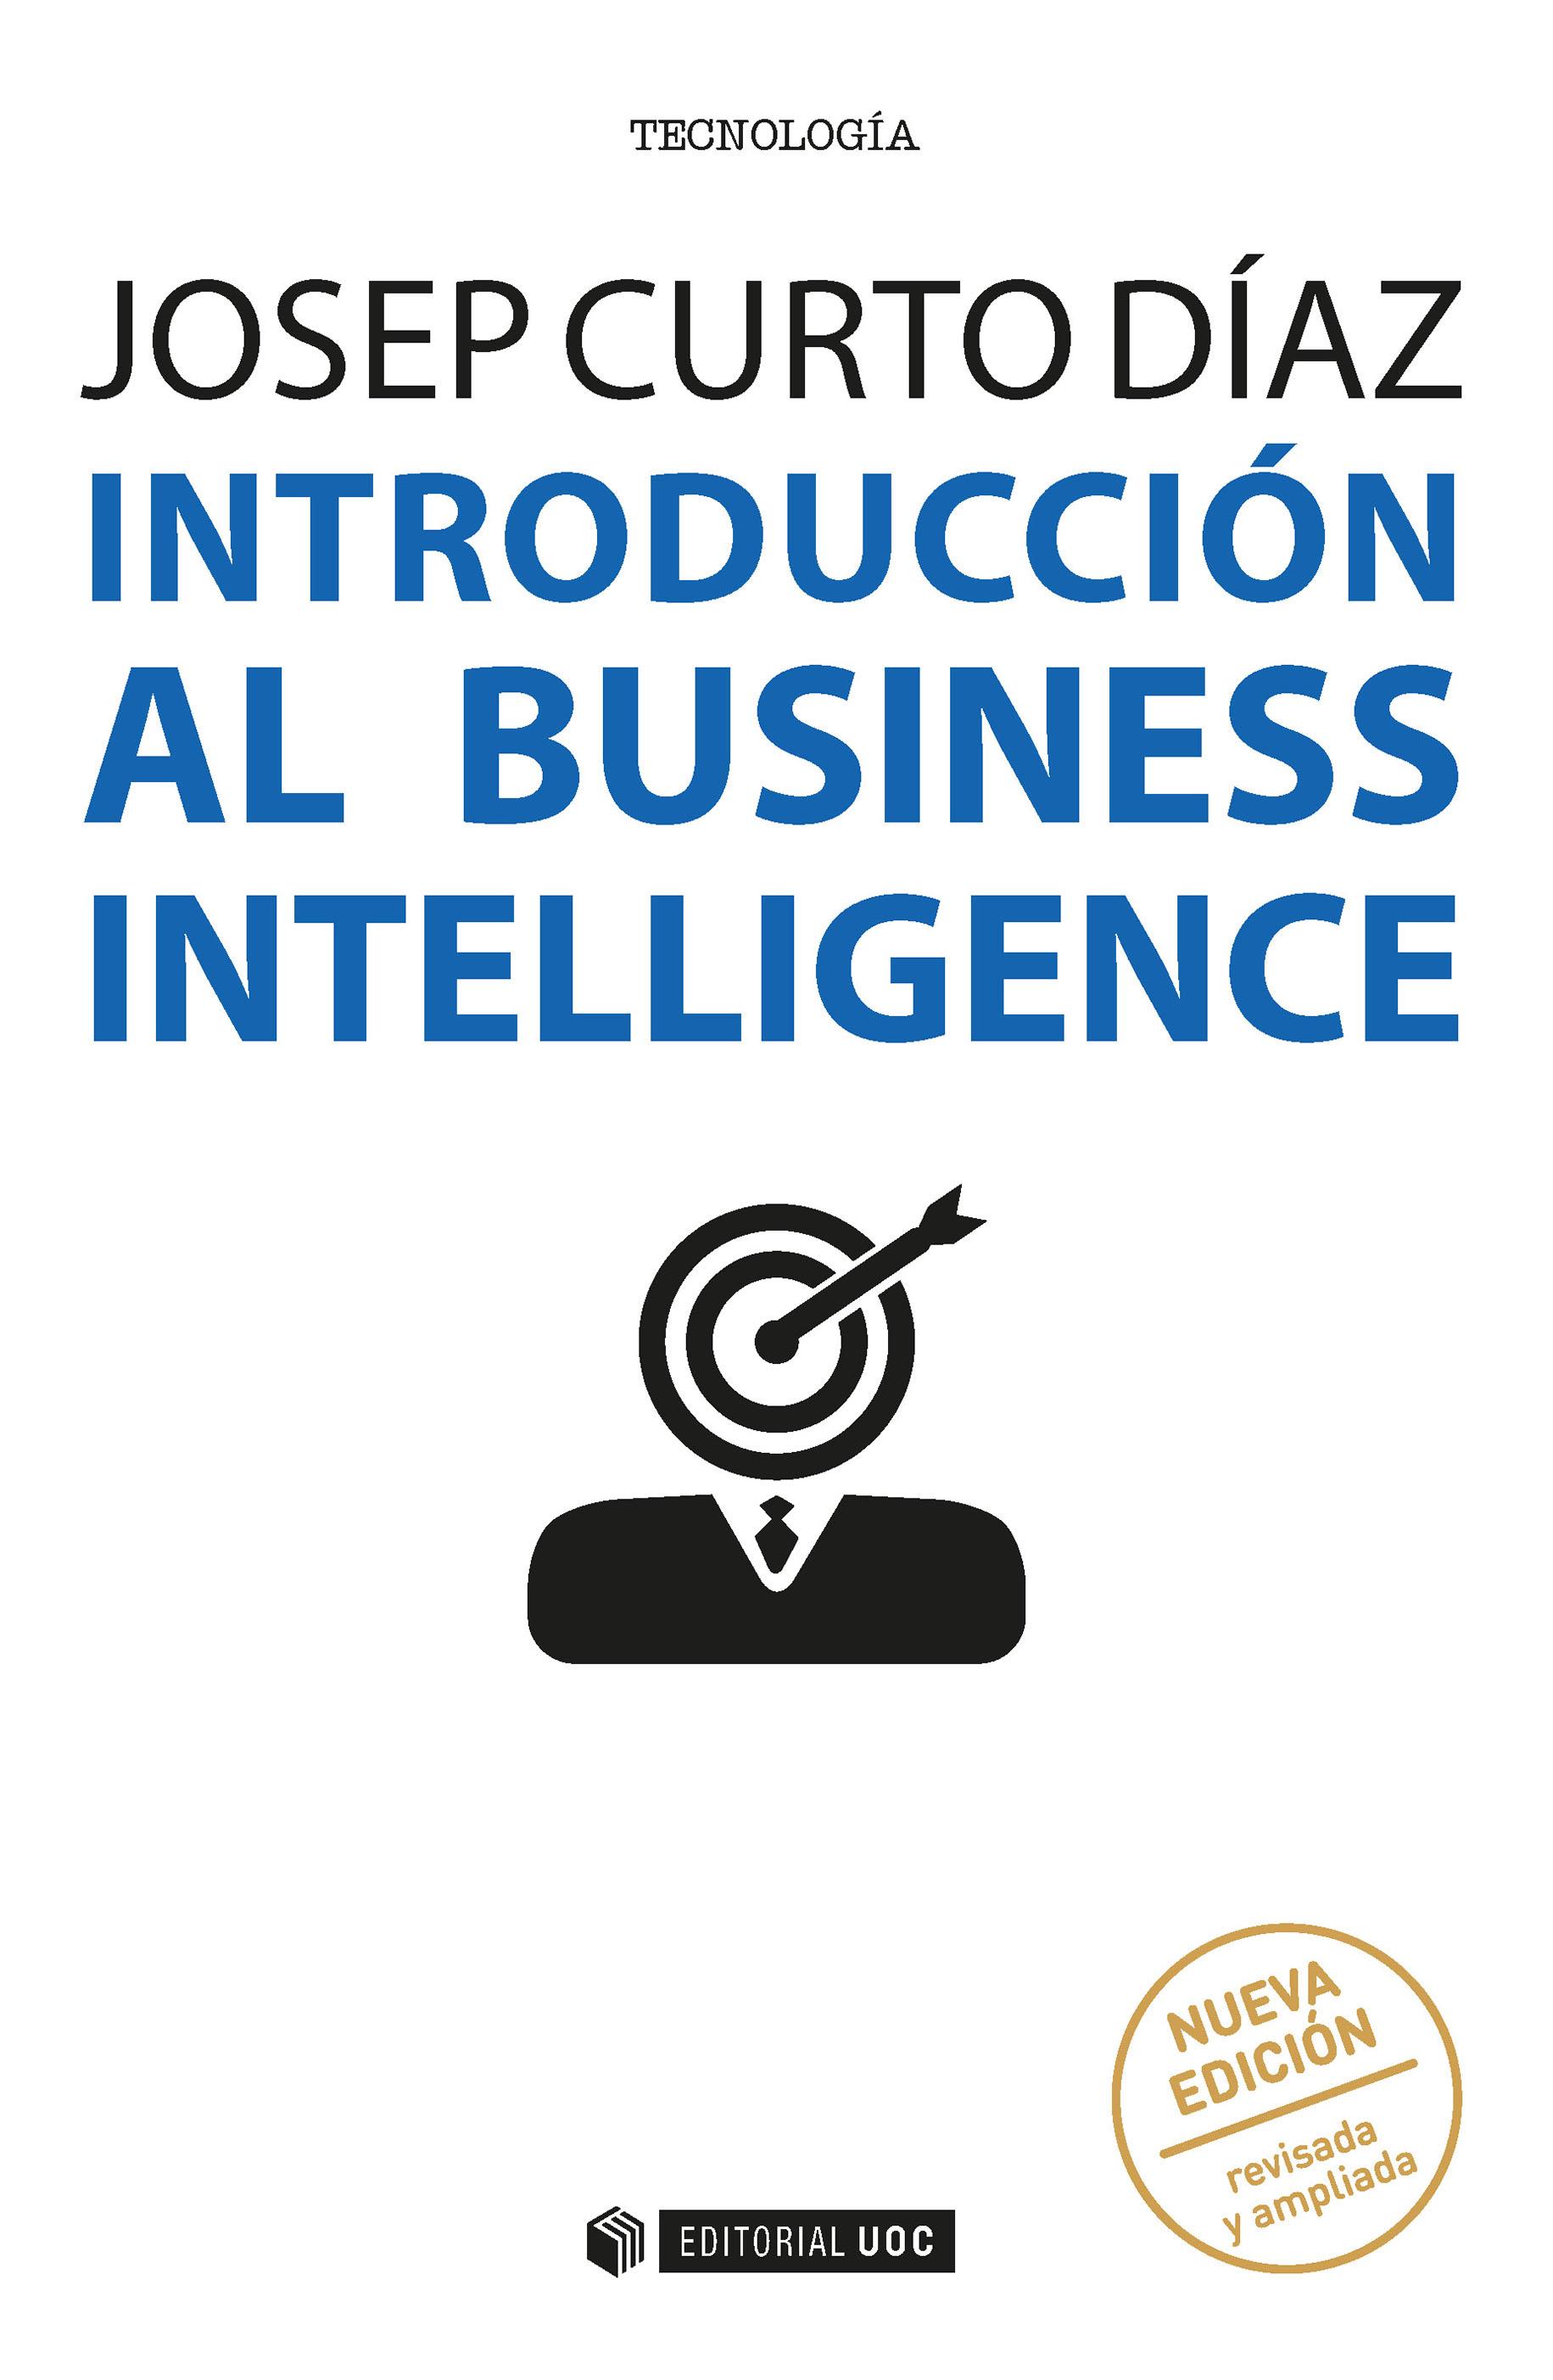 Introducción al business intelligence (nueva edición revisada y ampliada)